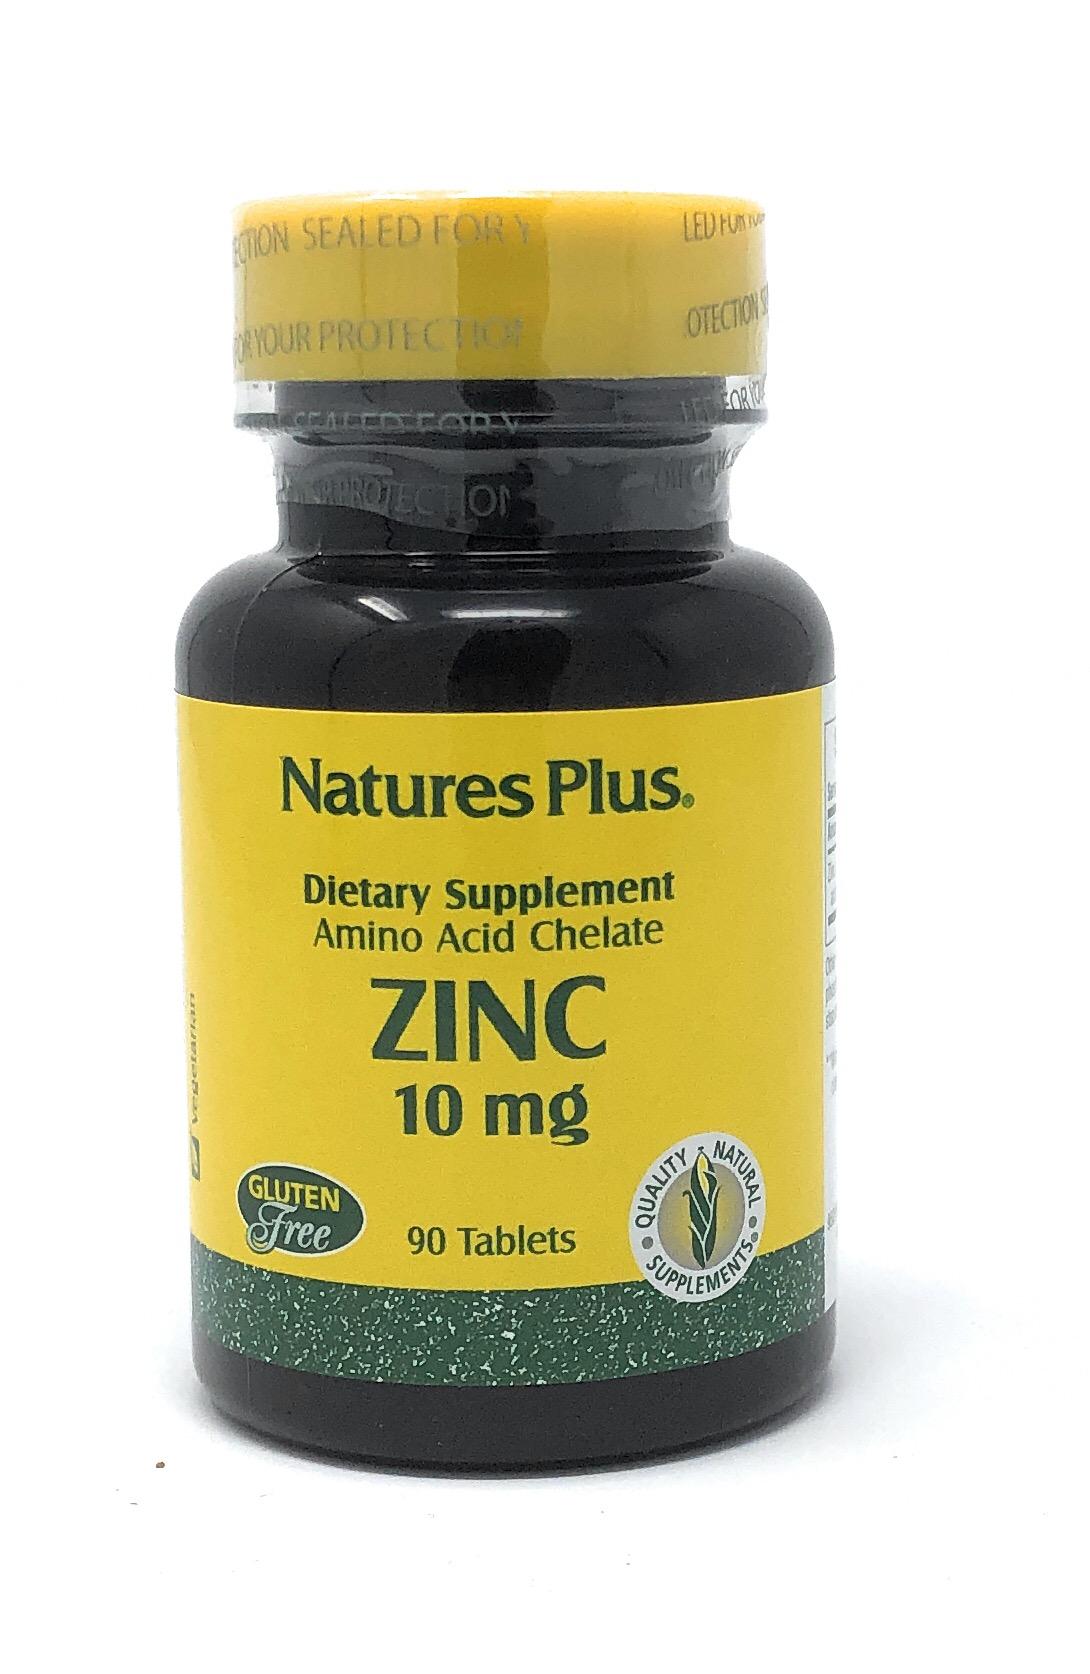 Natures Plus Zinc 10mg (Zink-Soja-Aminosäurechelat) 90 Tabletten (49,3g)